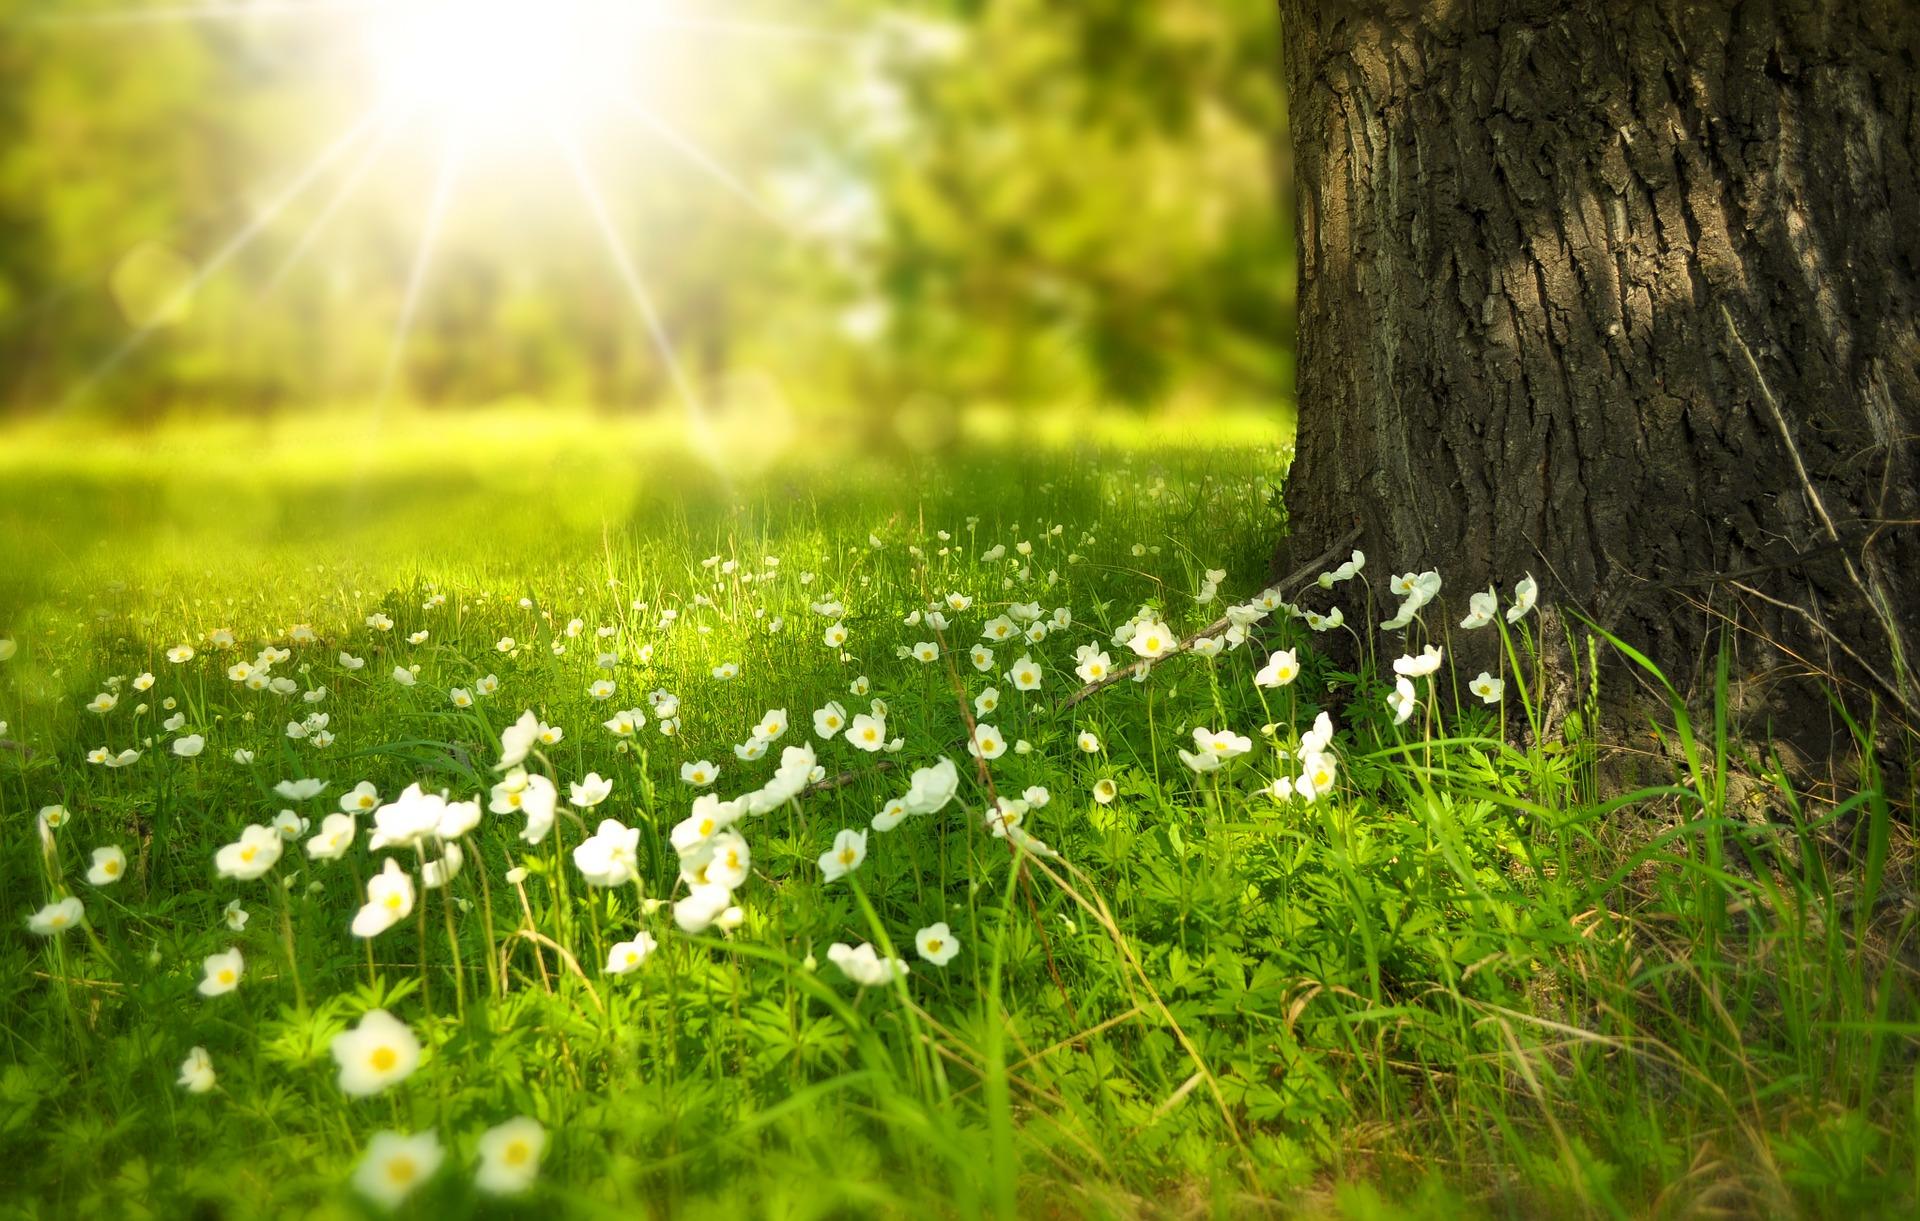 Hình ảnh nắng đẹp phủ xuống cánh đồng hoa cỏ may